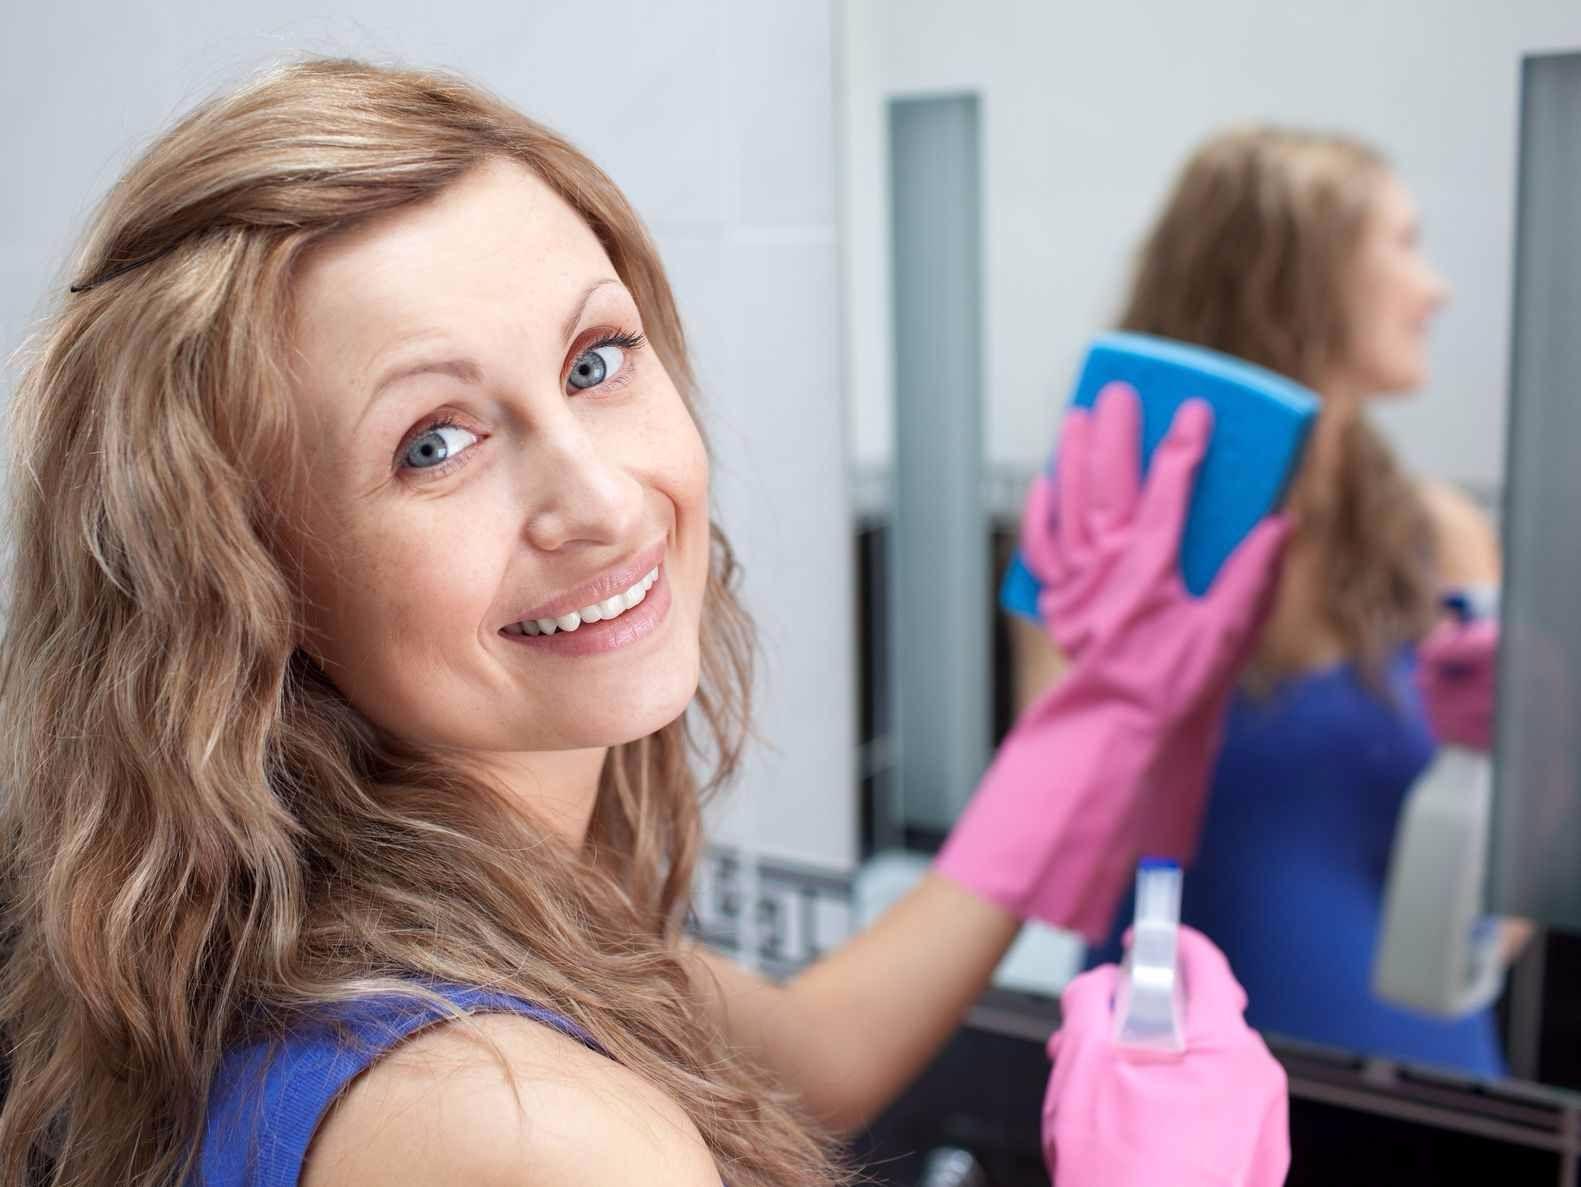 Как очистить зеркало от пятен